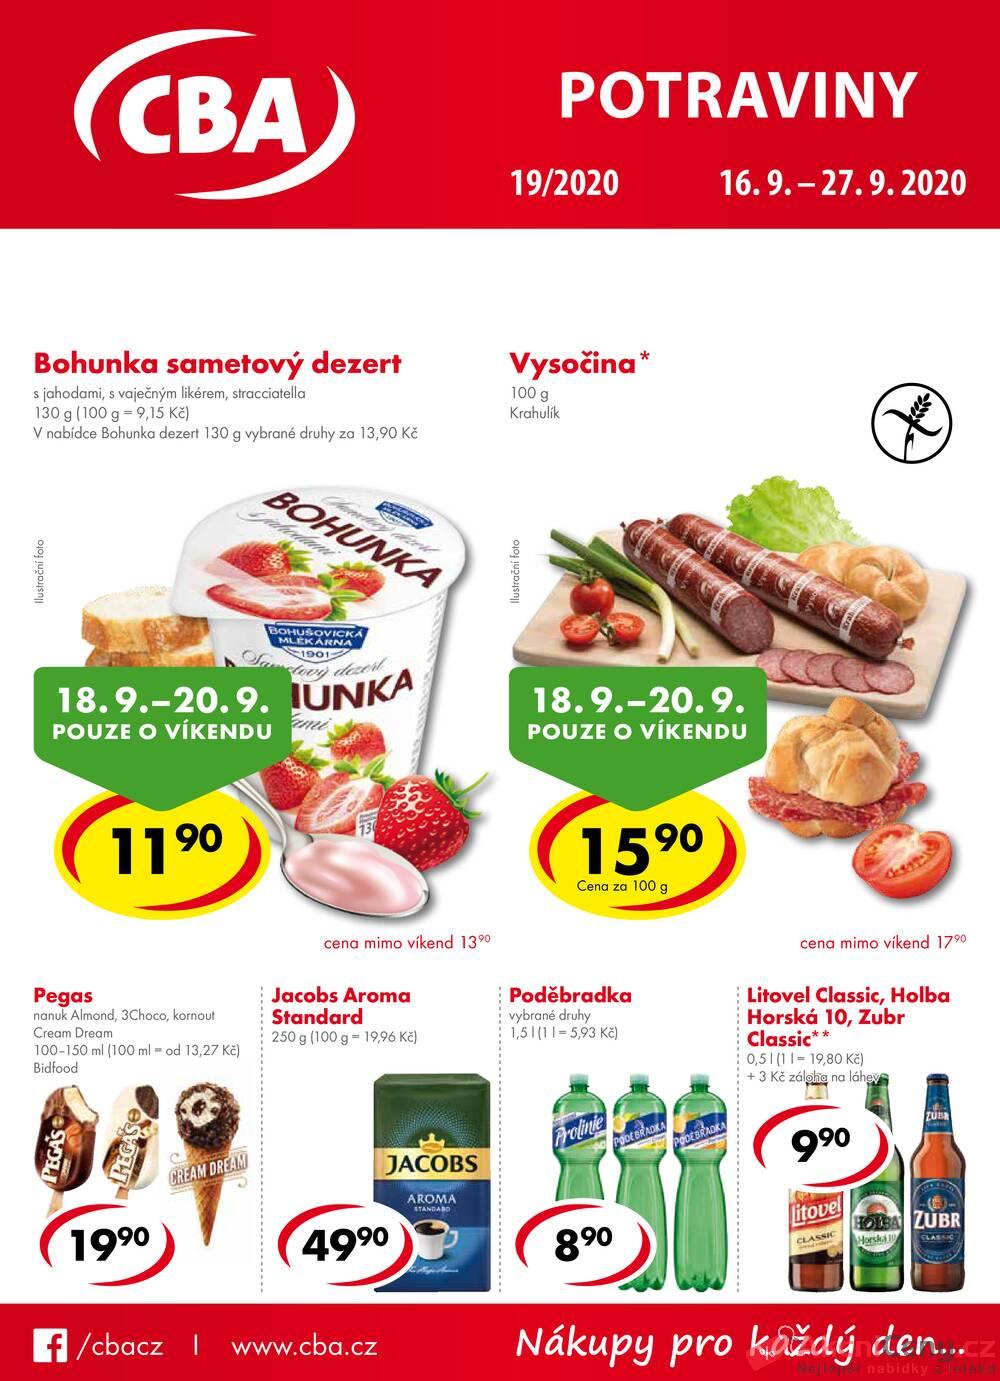 Leták CBA prodejní družstvo - CBA potraviny od 16.9. do 27.9.2020 - strana 1